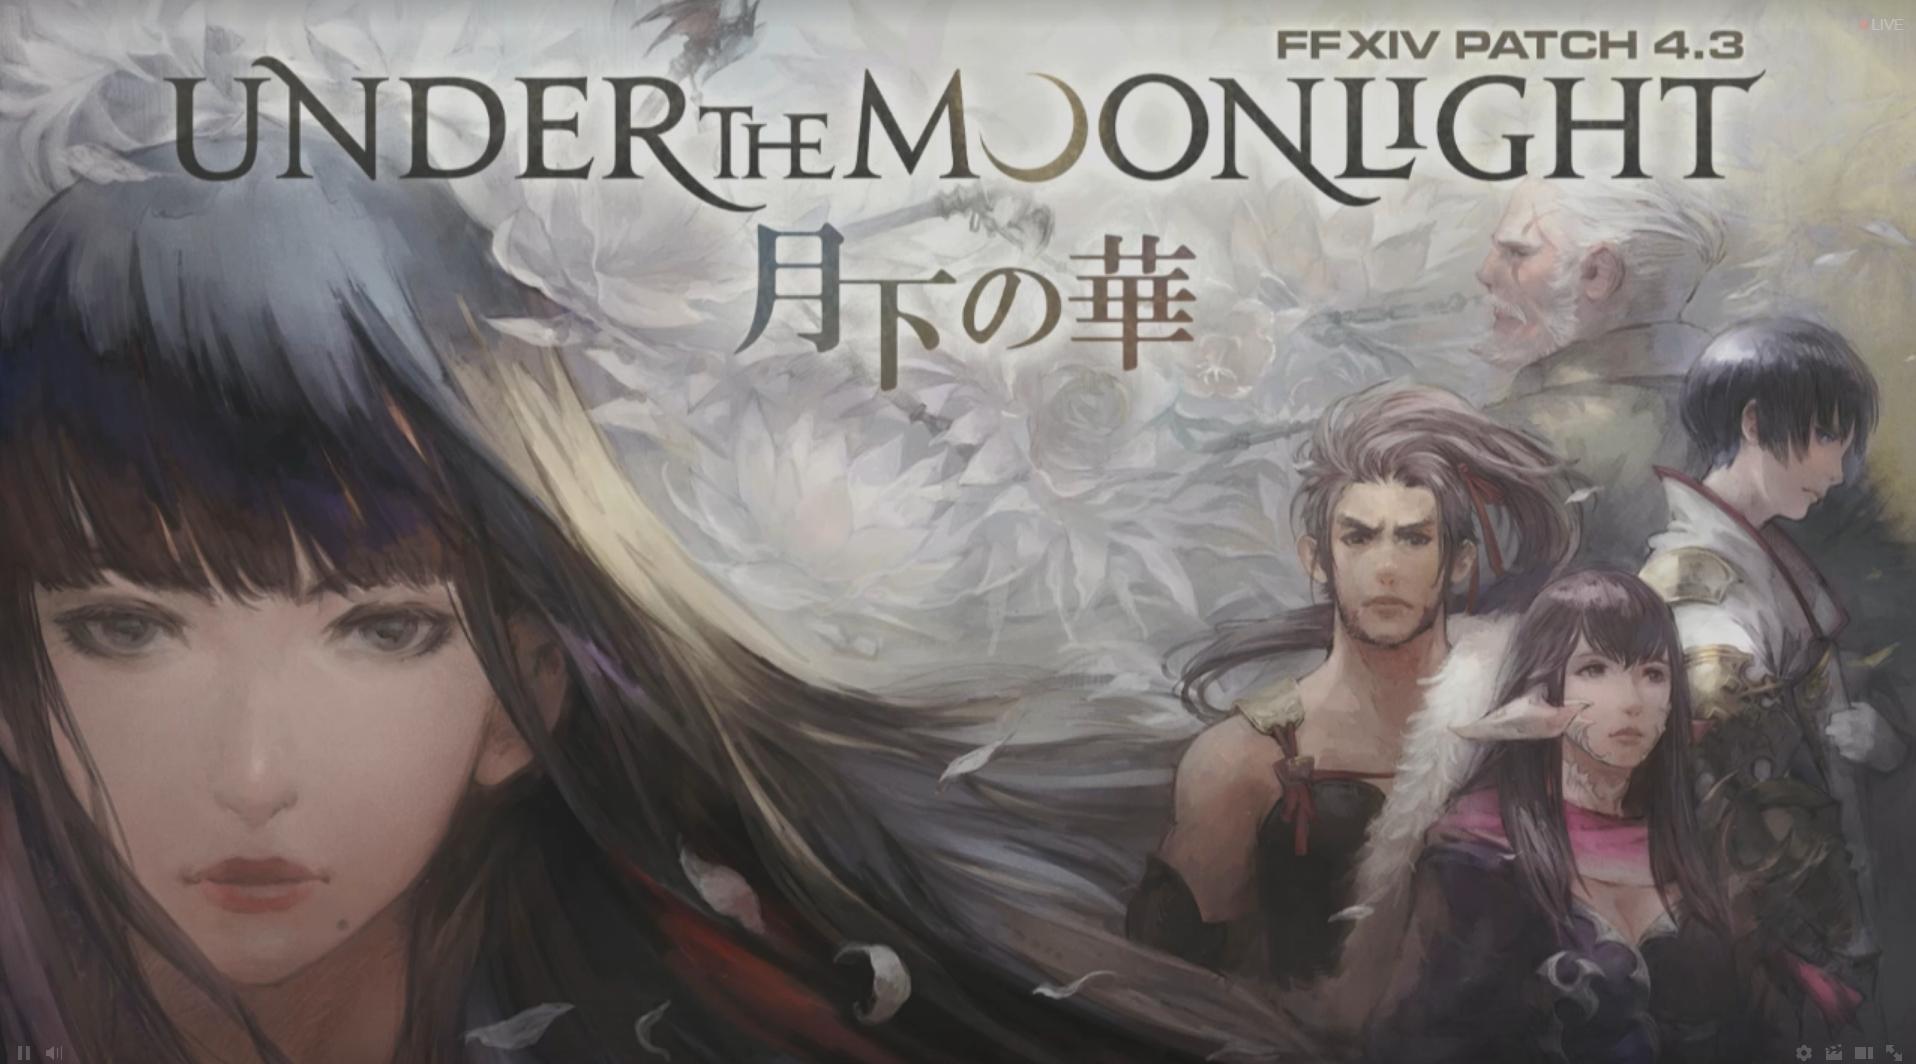 Final Fantasy XIV: Alle Infos zu Patch 4.3 aus dem Brief des Produzenten